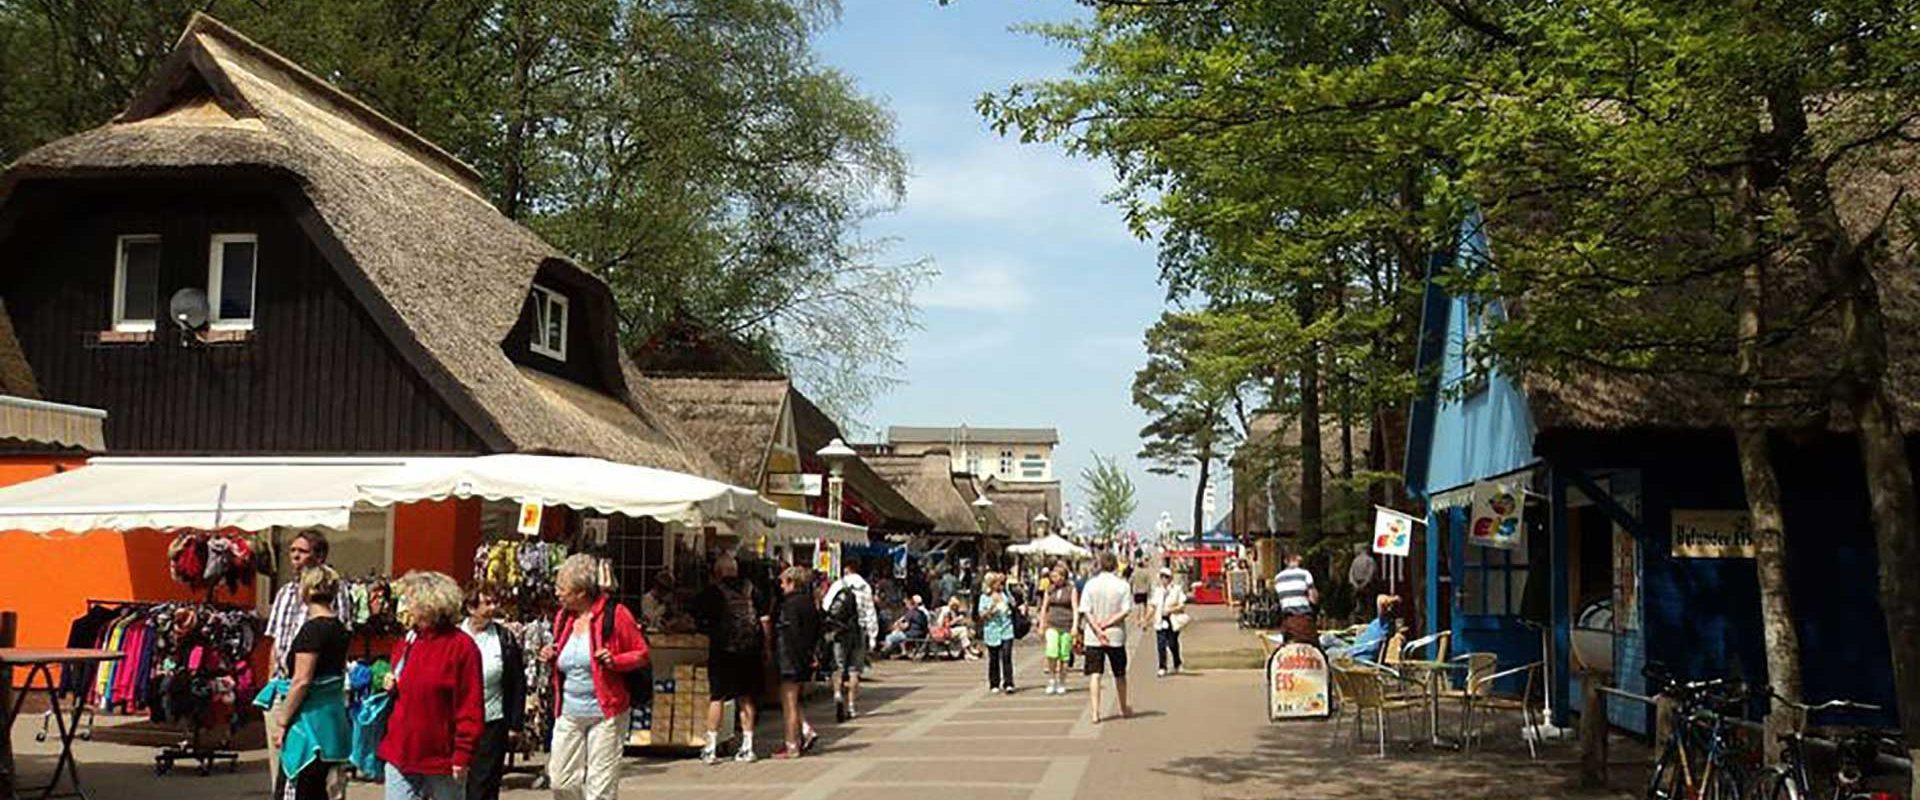 Ferienwohnung Apfelgarten Prerow (Darß / Ostsee)